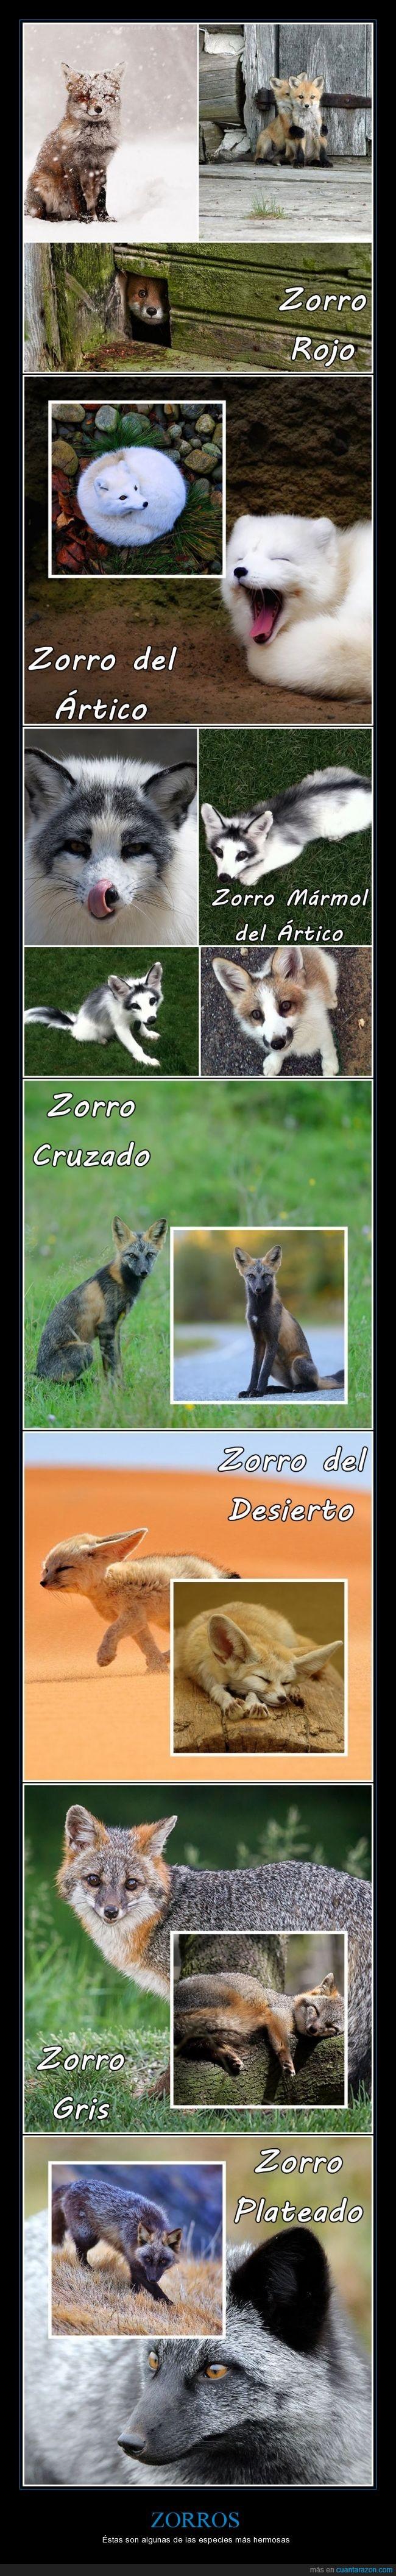 animal,especie,tipo,zorro